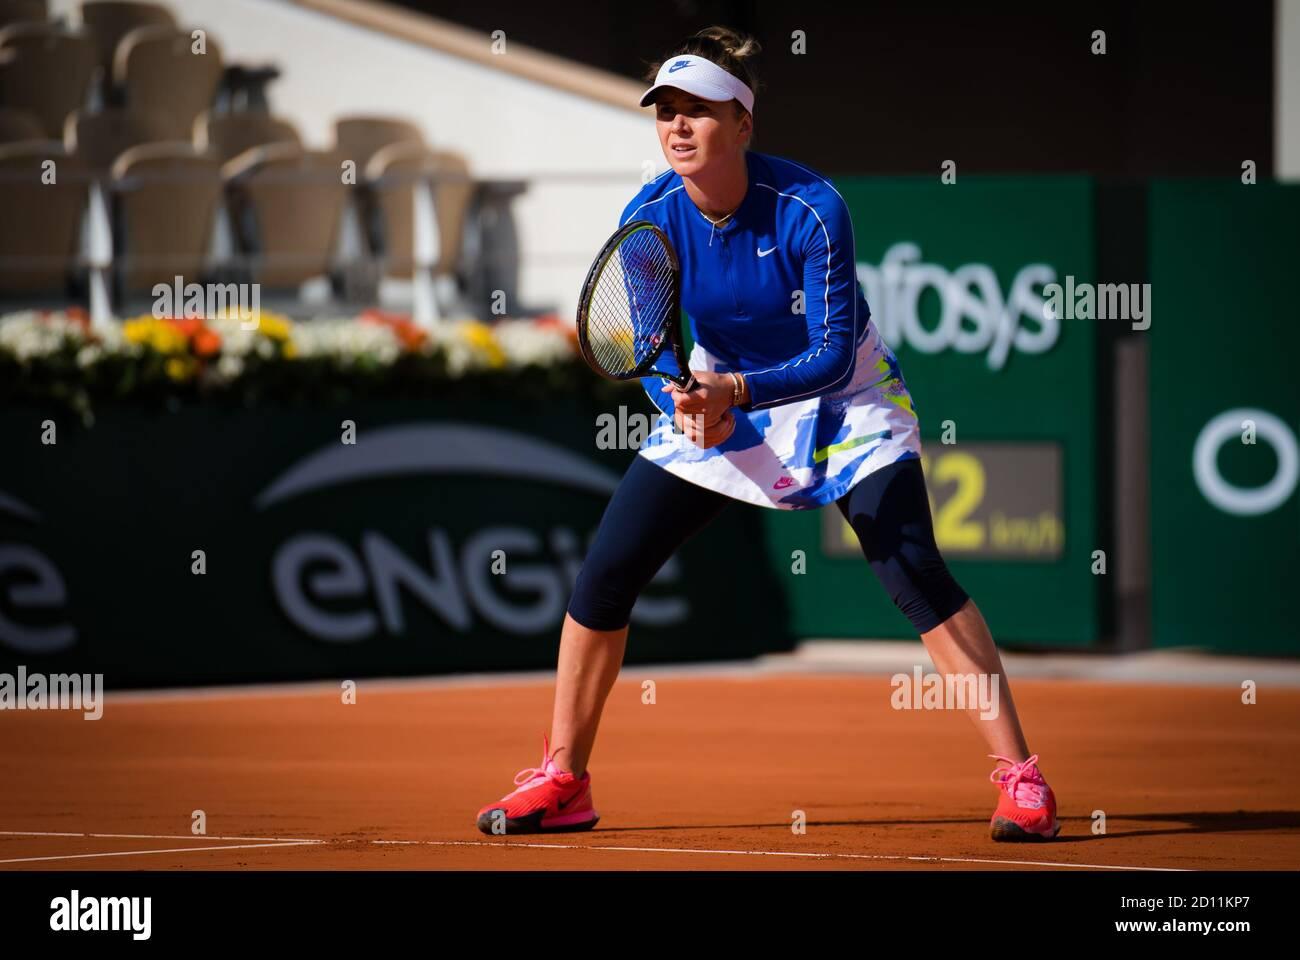 Elina Svitolina de Ucrania en acción contra Caroline García de Francia durante la cuarta ronda en el Roland Garros 2020, Grand Slam tennis tourna Foto de stock